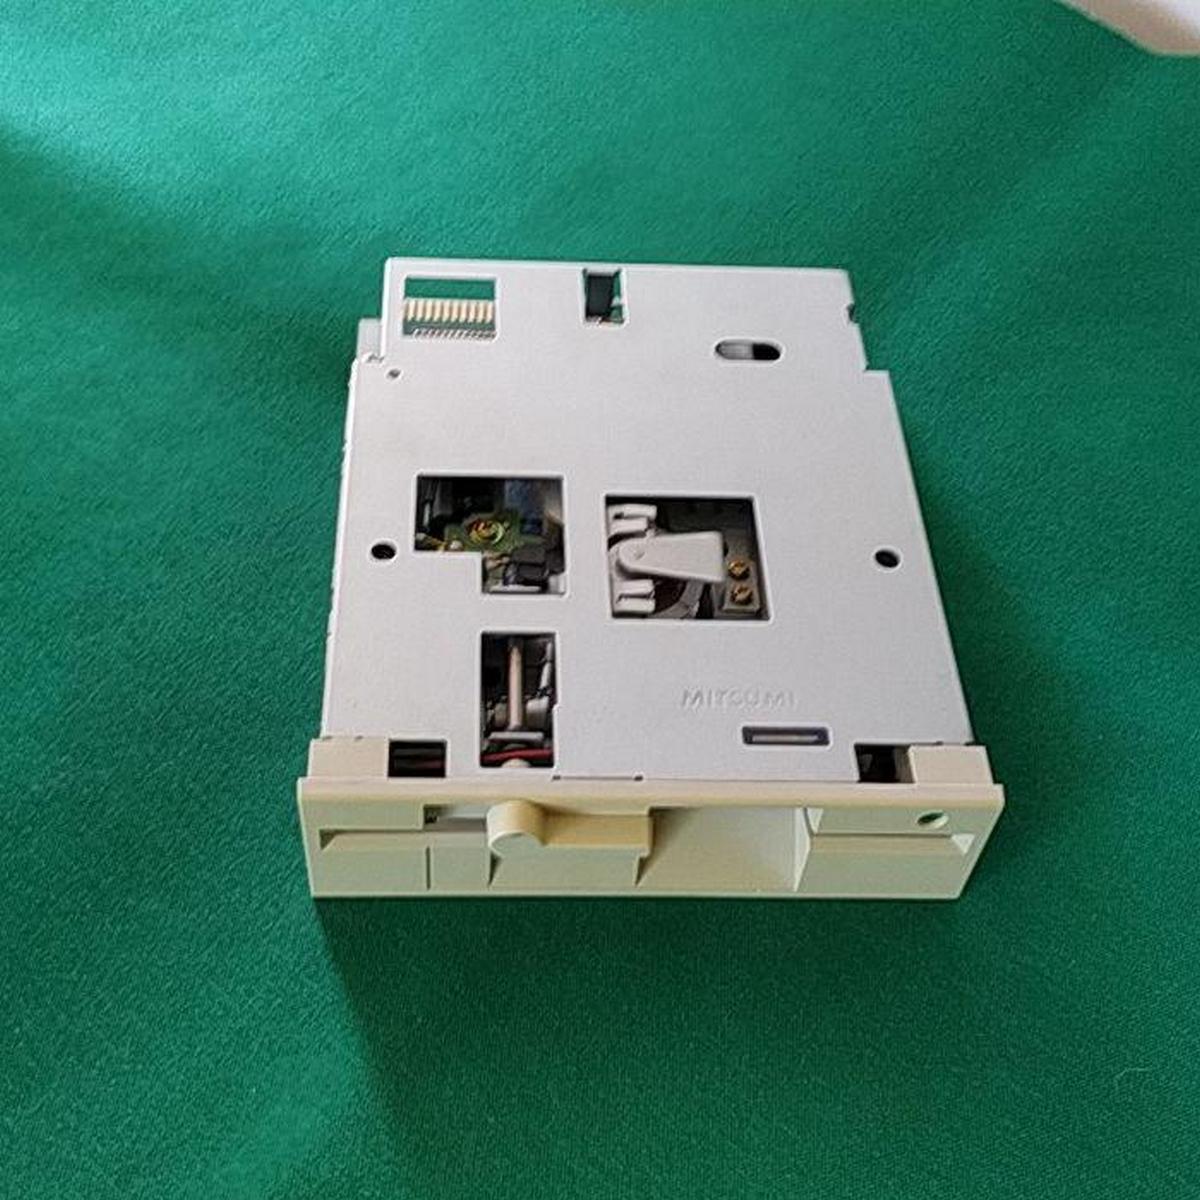 Floppy 5.25 lettore di dischi retrocomputer